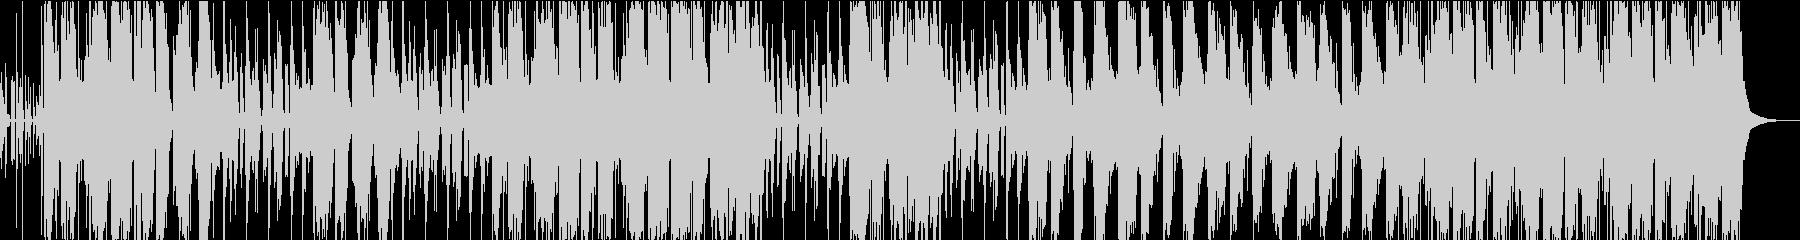 重低音なHIPーHOPサウンドの未再生の波形